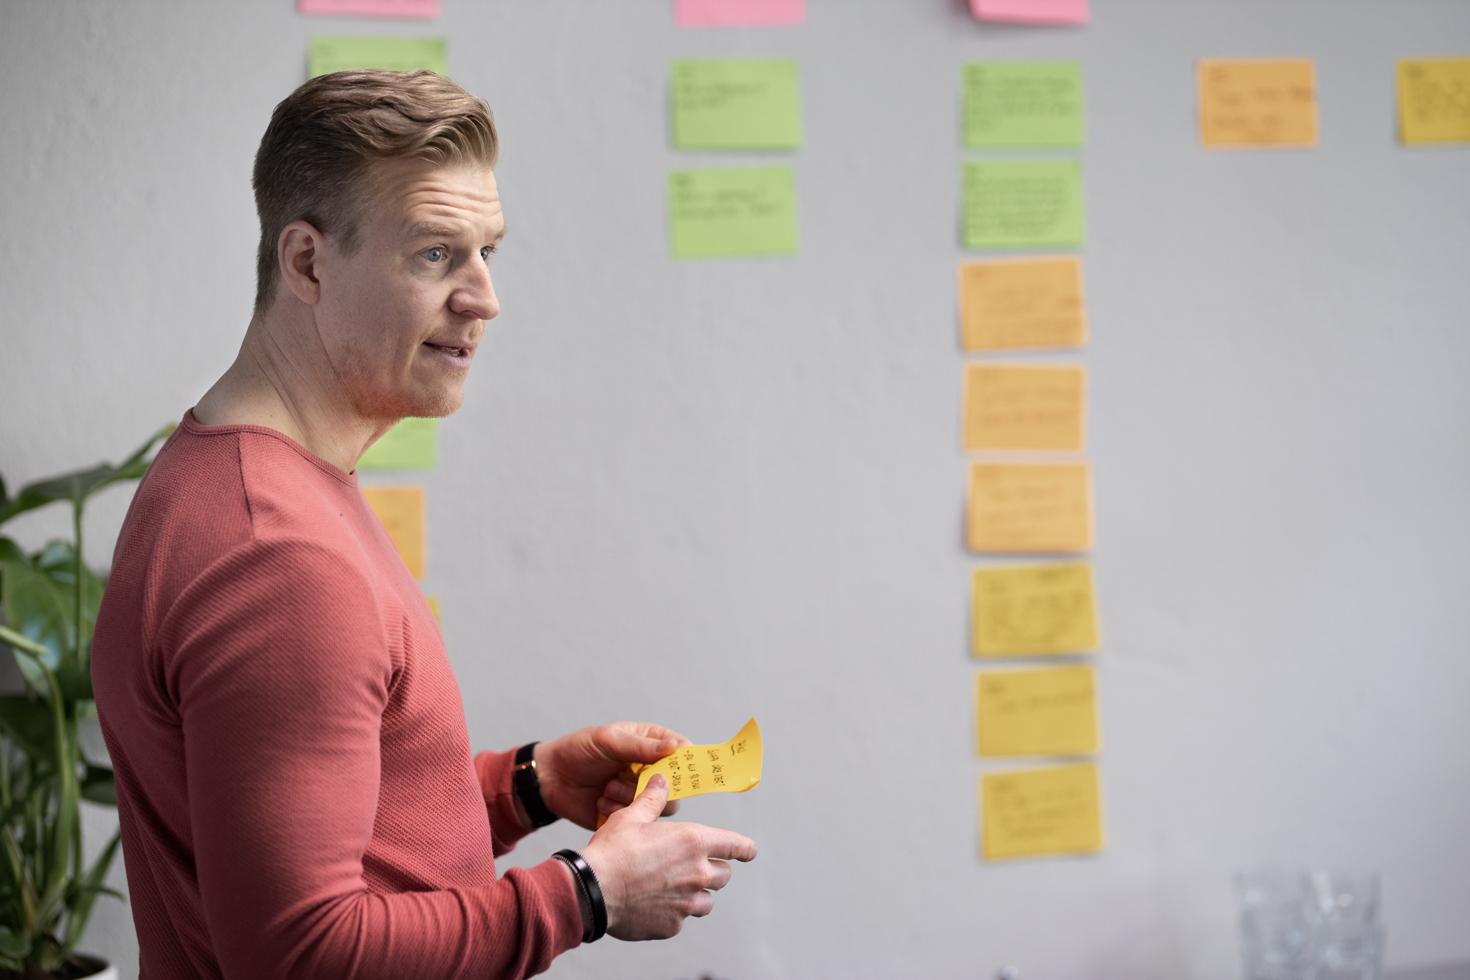 Arena reklam hade en afärsidé som de ville testa och genomförde tillsammans med Advant en innovationssprint. På bara fem dagar och med en strukturerad process för idégenerering, input från experter, en realistisk prototyp som testades på potentiella kunder är de nu redo att ta produkten vidare ut på marknaden.